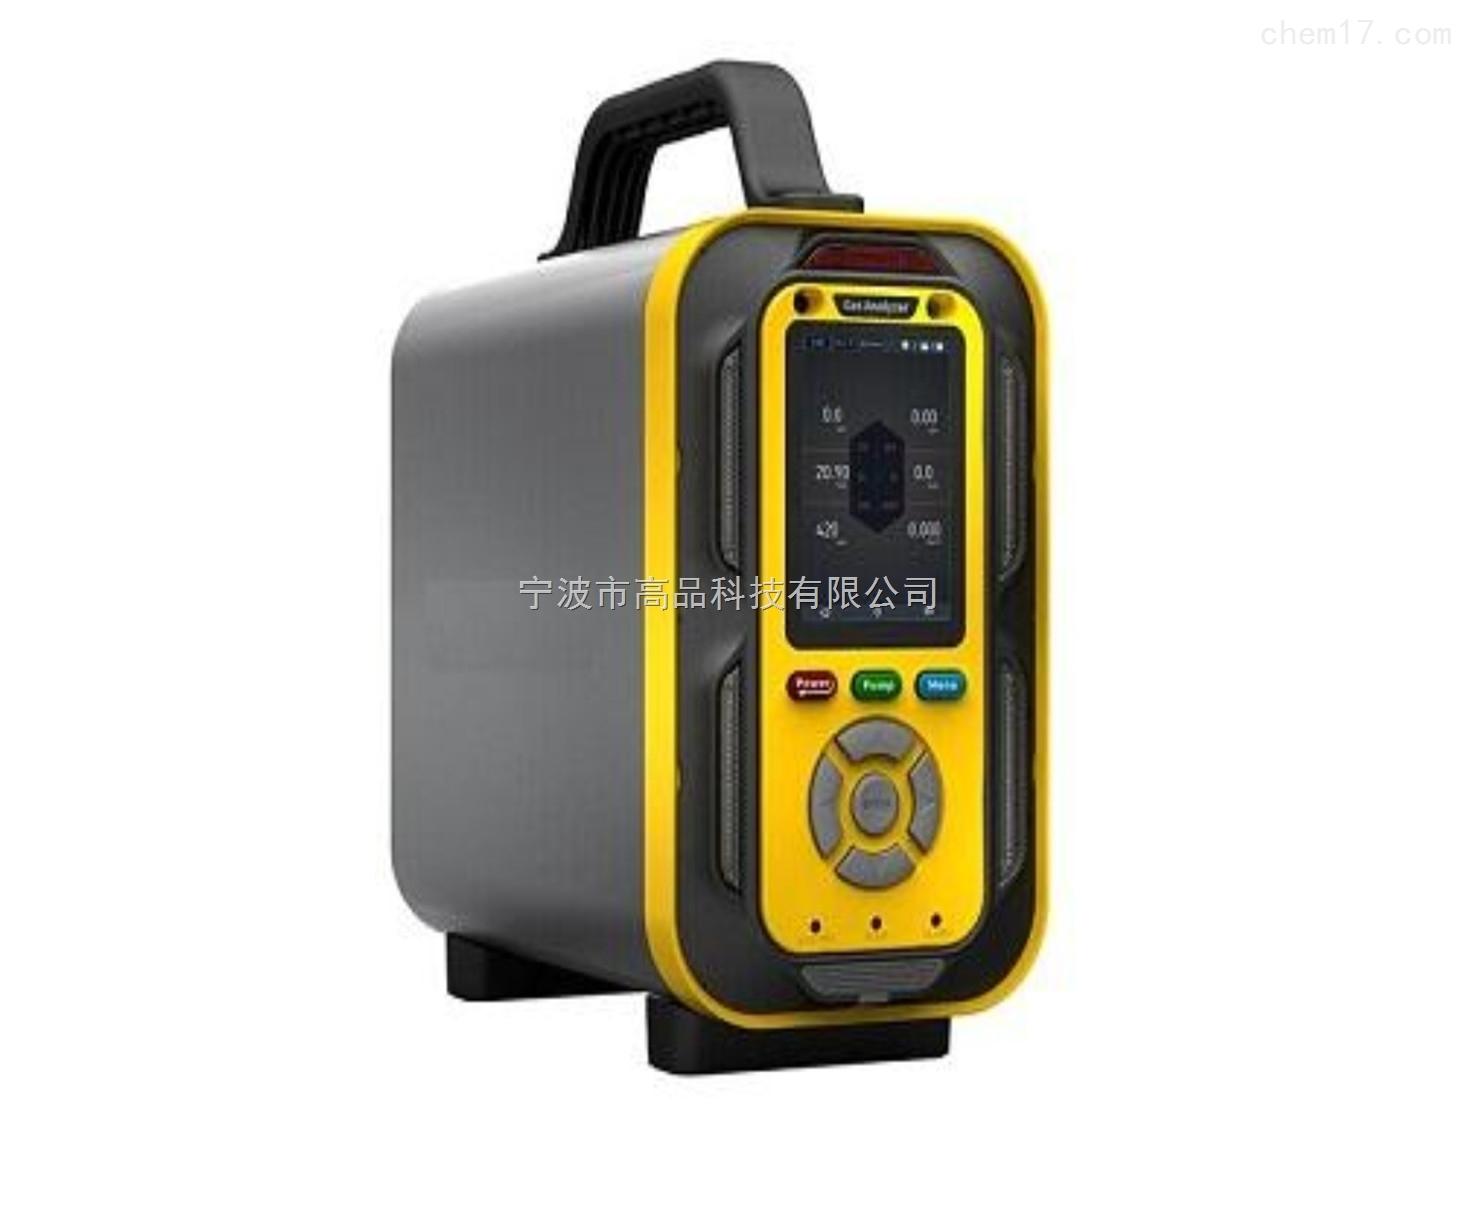 便携手提式氮氧化物检测仪